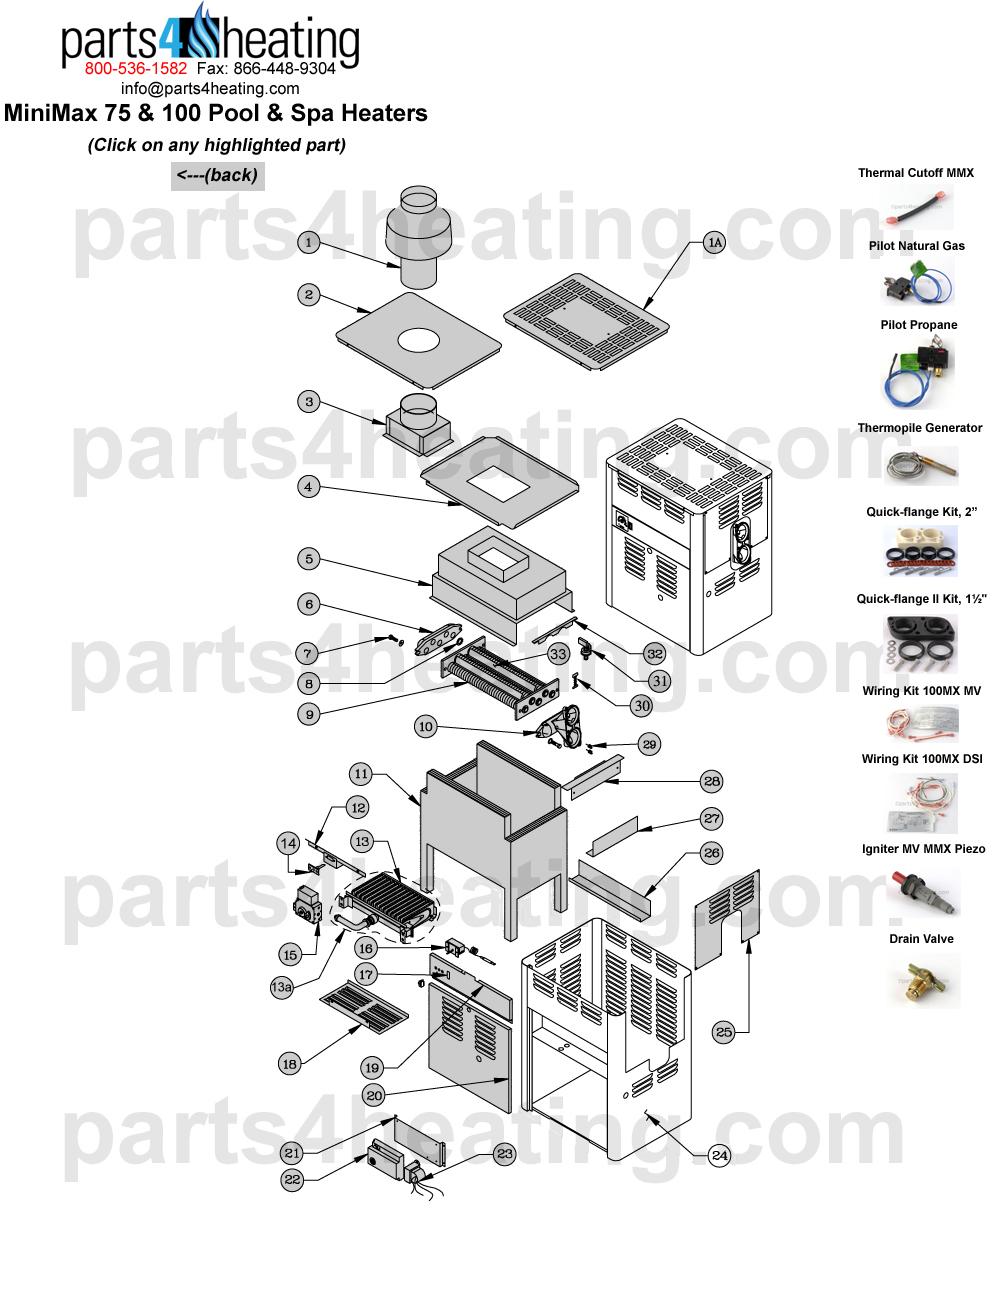 Pentair Minimax 200m Wiring Diagram